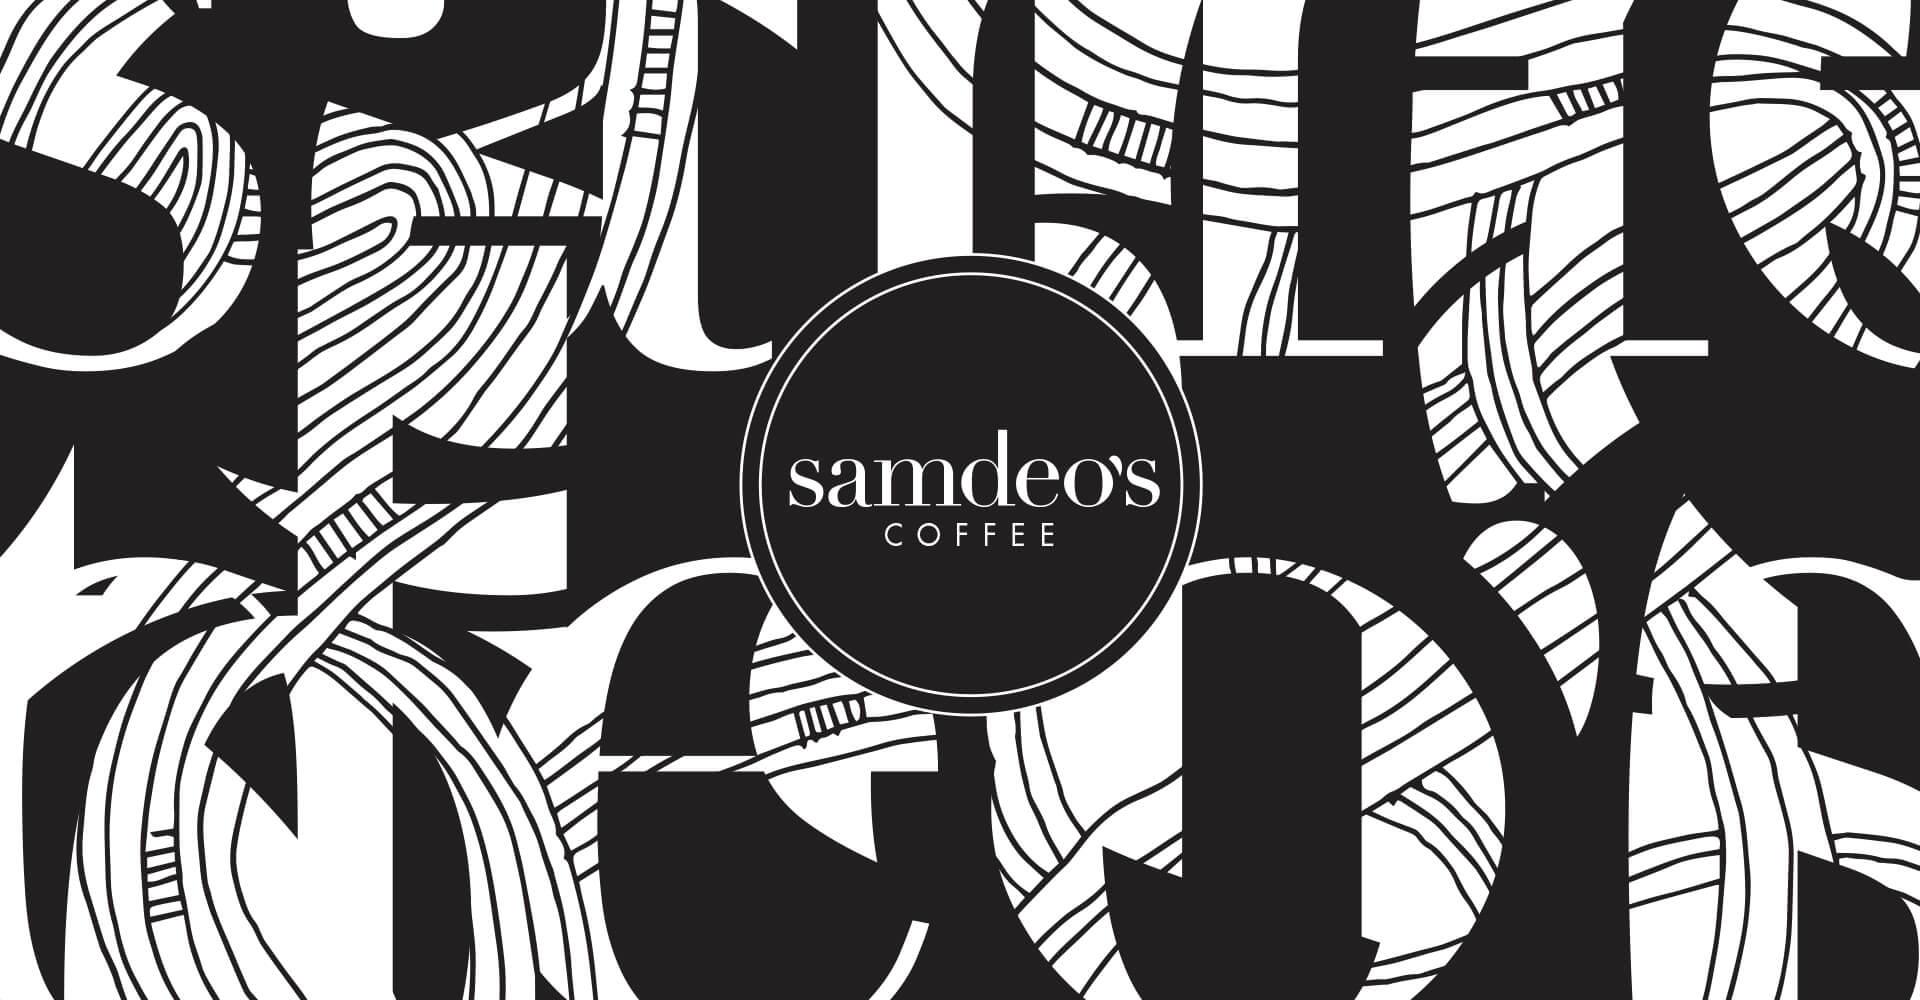 Samdeo's